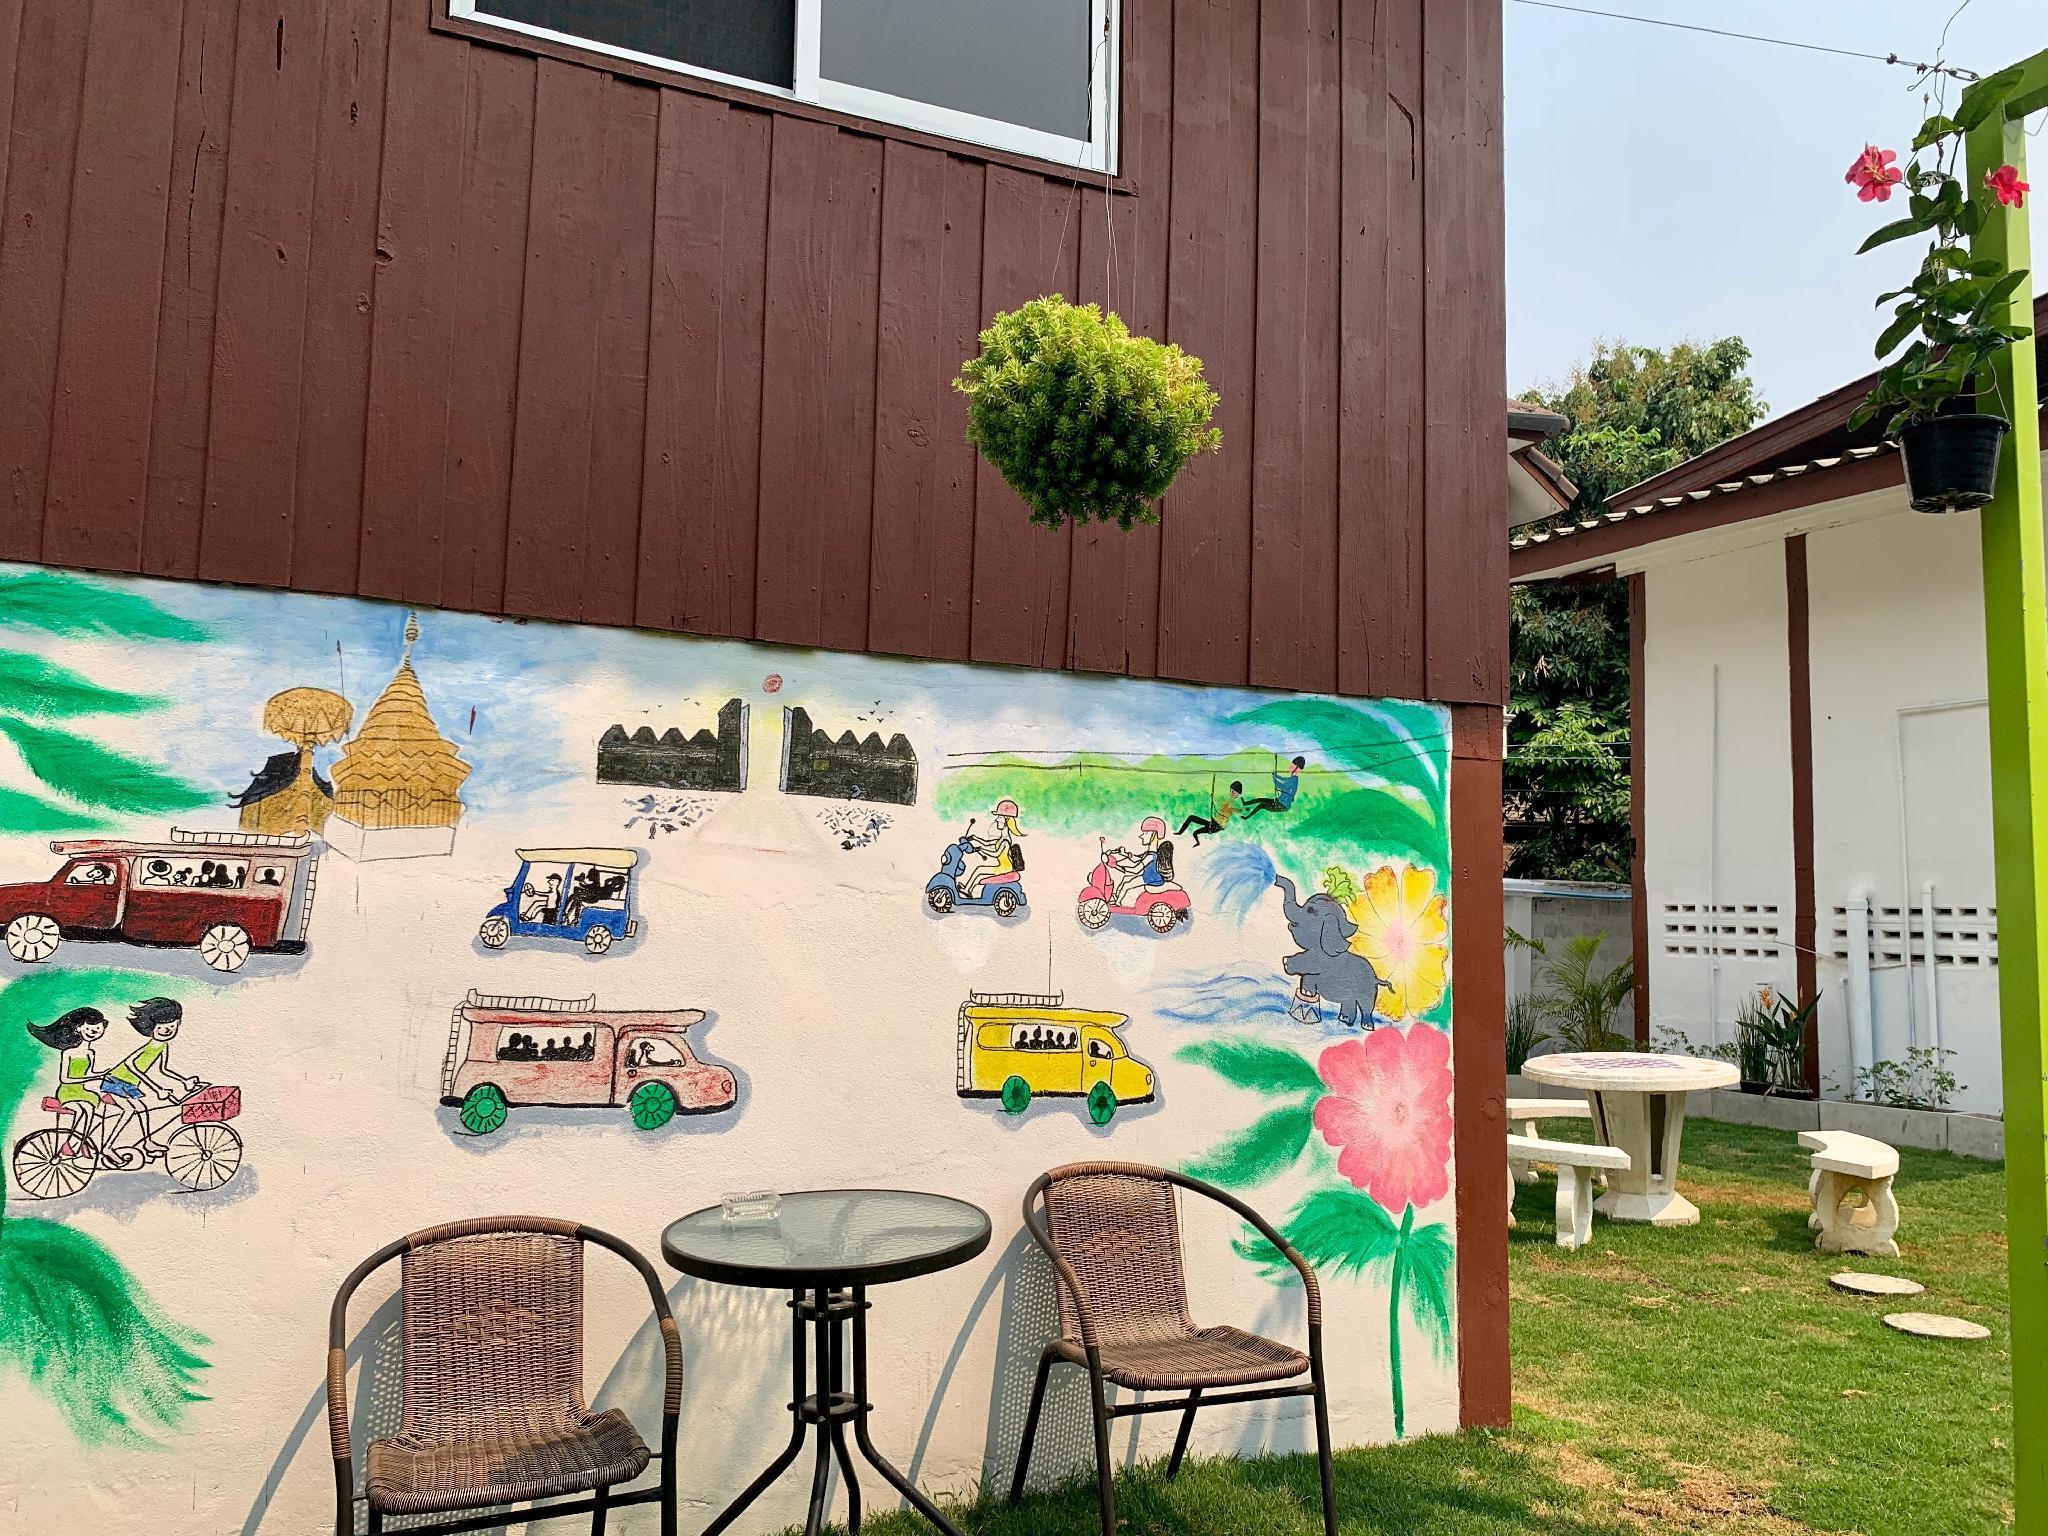 wooden hostel อพาร์ตเมนต์ 2 ห้องนอน 2 ห้องน้ำส่วนตัว ขนาด 15 ตร.ม. – วัวลาย